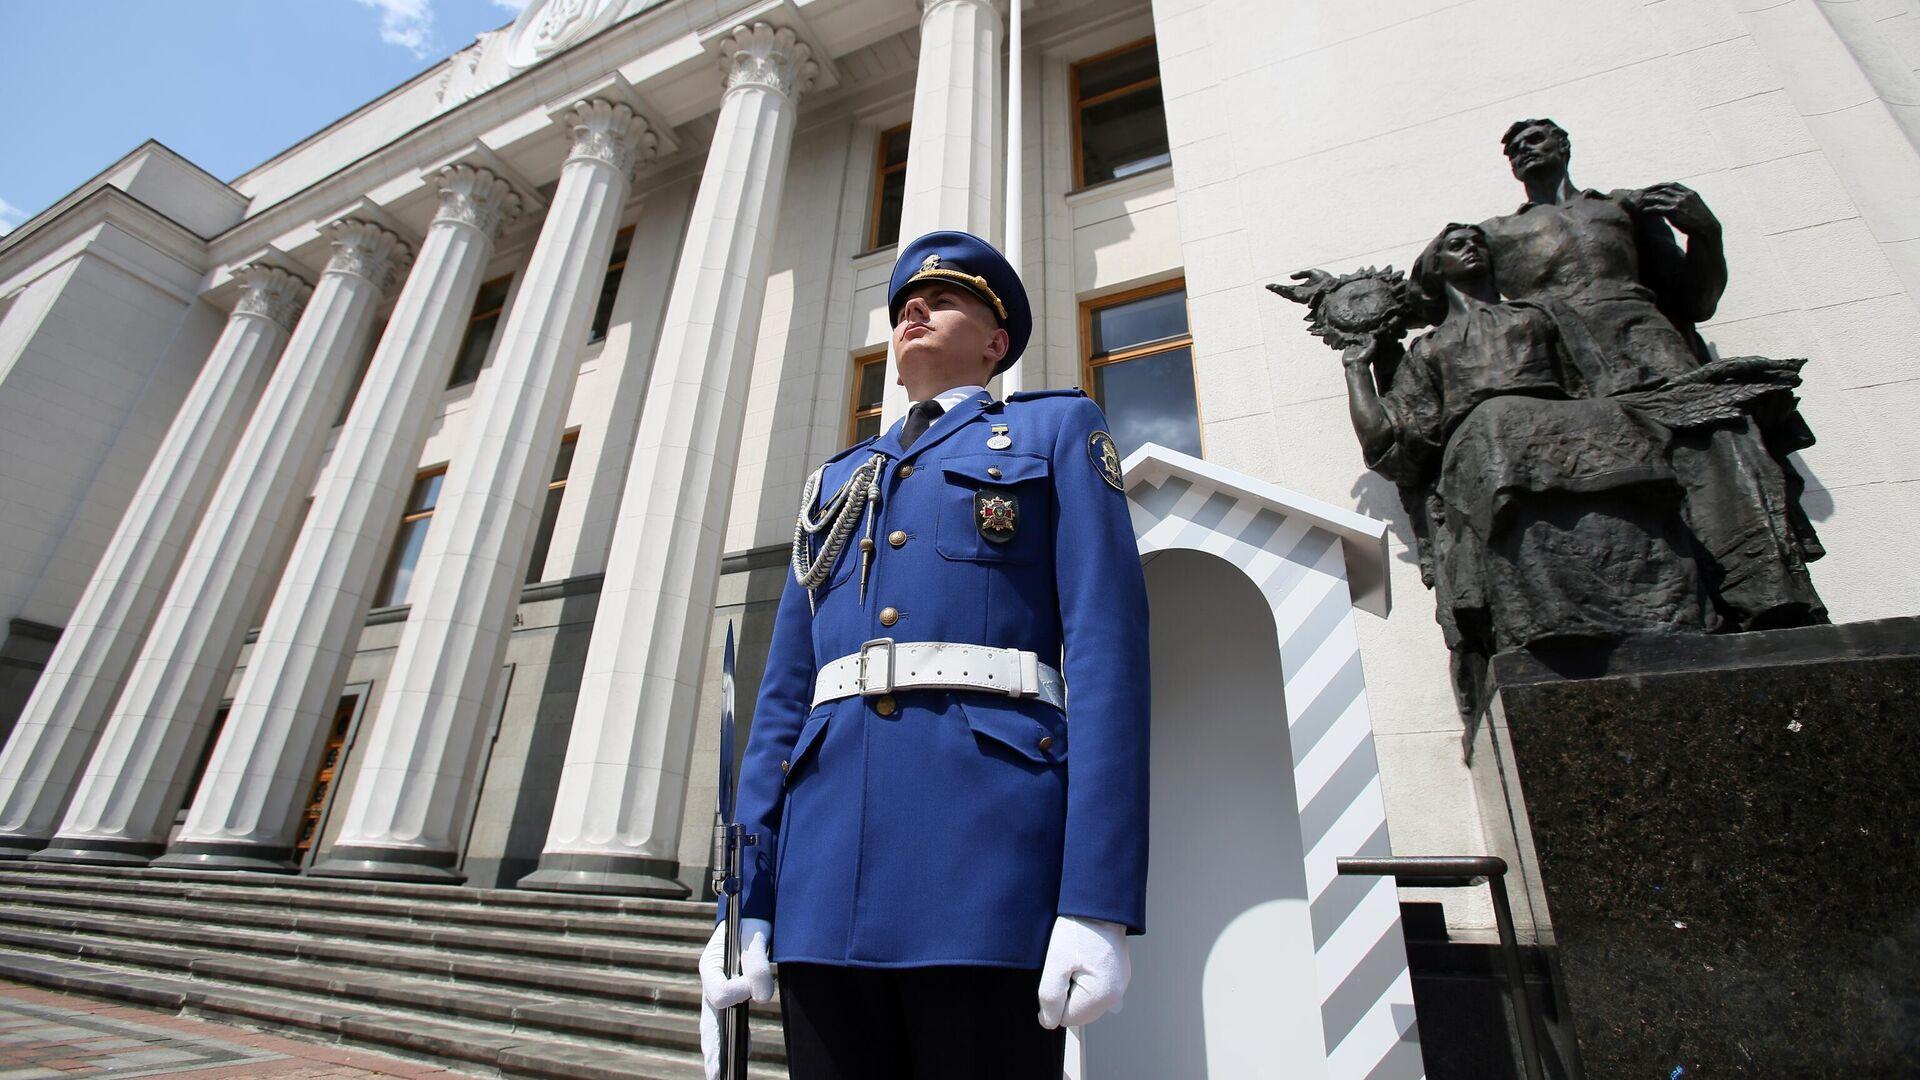 Почетный караул возле здания Верховной рады Украины в Киеве - РИА Новости, 1920, 05.10.2021